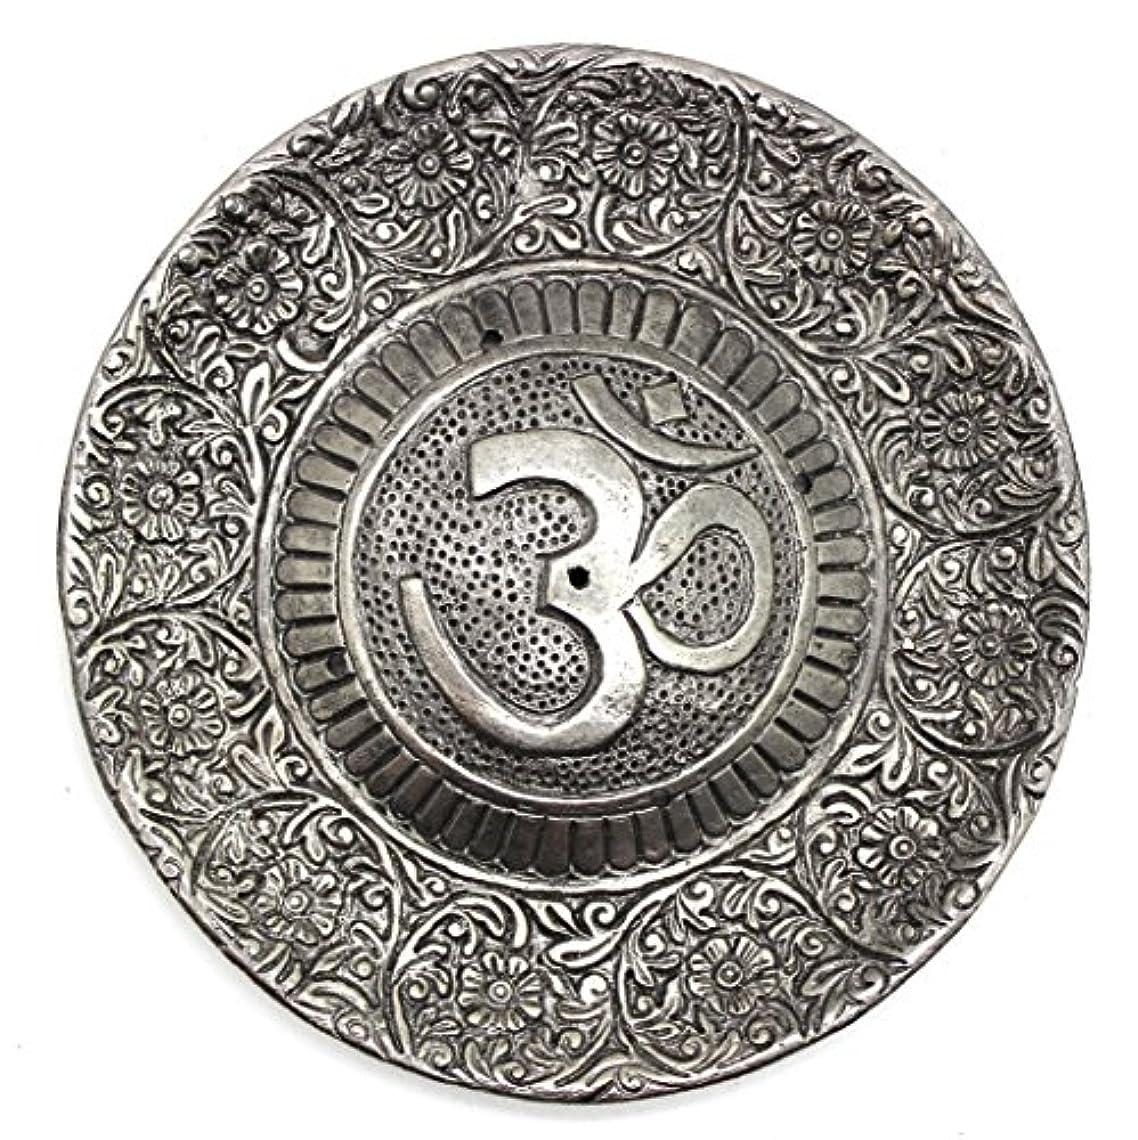 セクタ軌道六月Govinda - Tibetan Incense Burner - Larger OM Symbol - 11cm Diameter